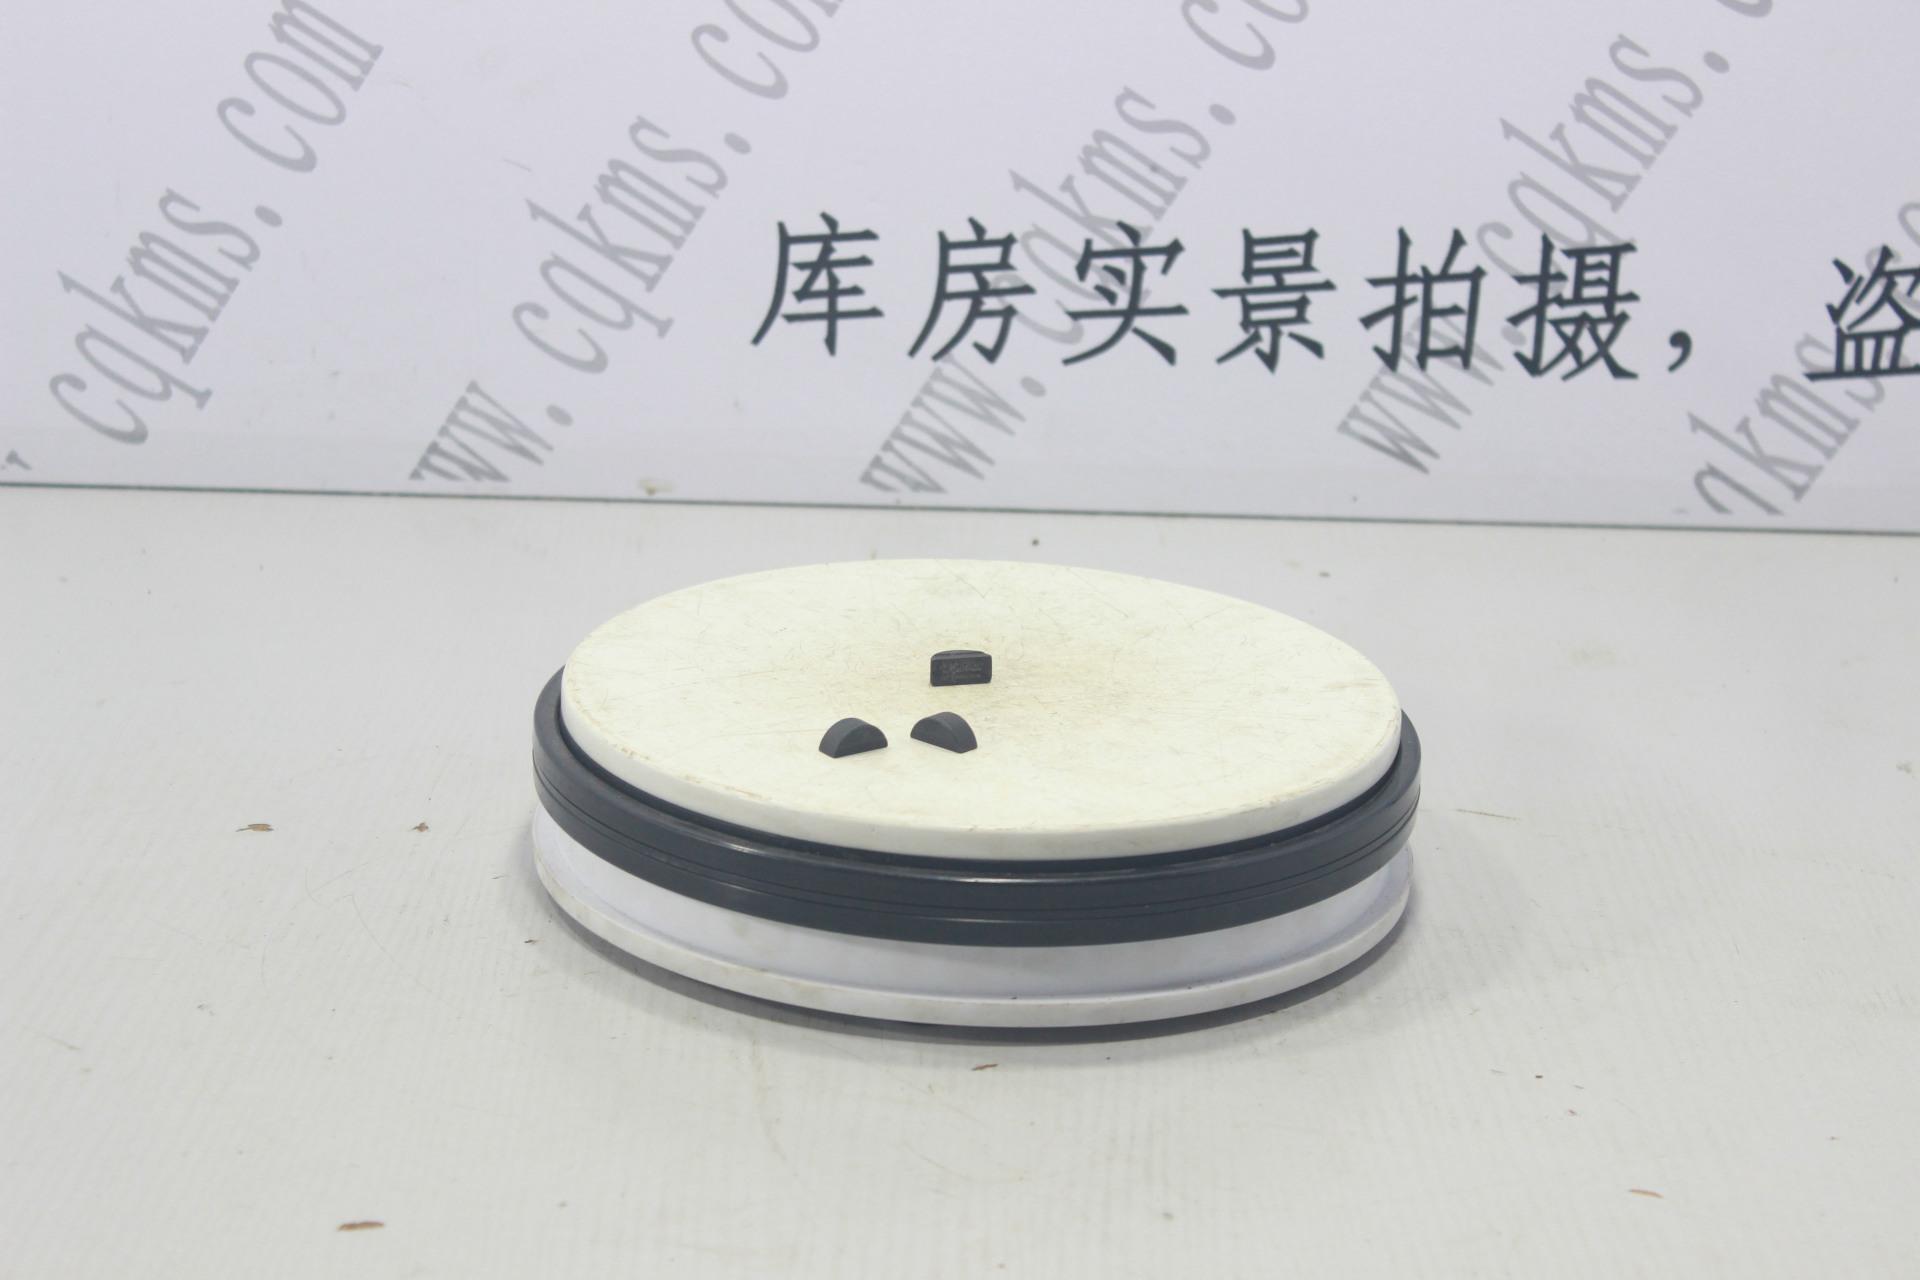 kms05935-3022352-键---参考规格高0.7cm,直径1.3cm,宽0.8cm-参考重量0.005kg-0.005kg图片2